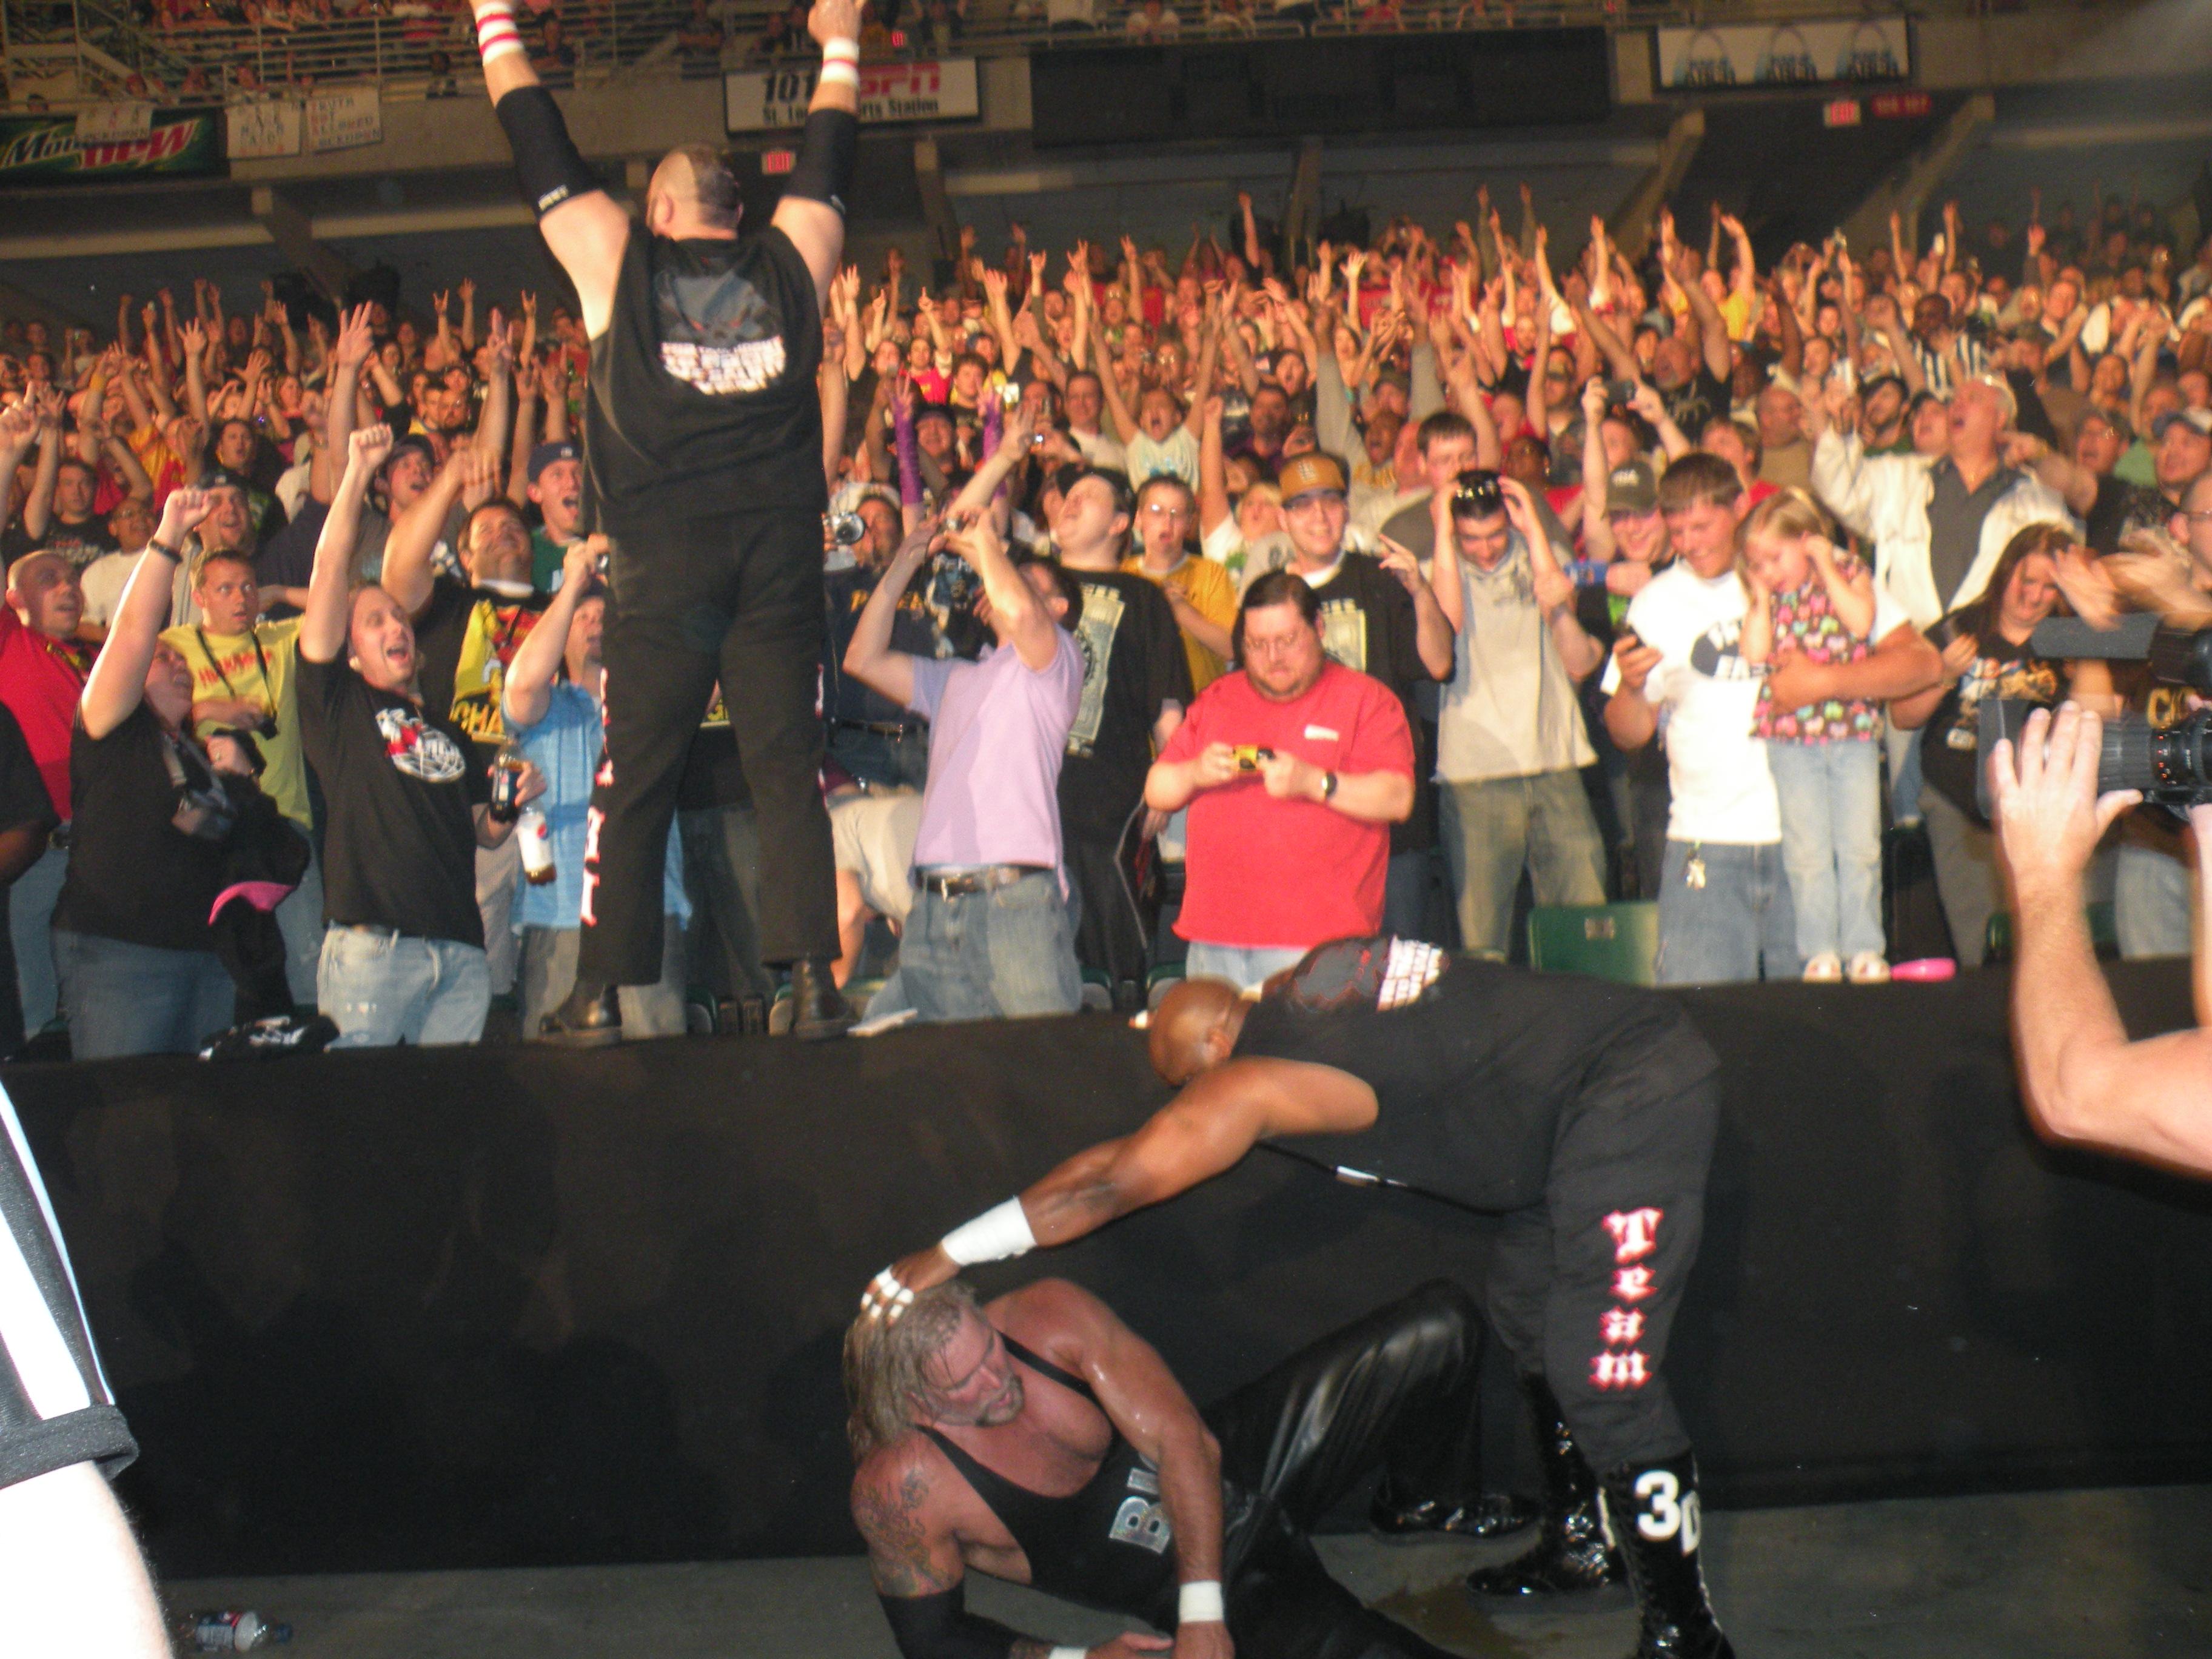 Missouri wrestling revival covers total nonstop wrestling's lockdown